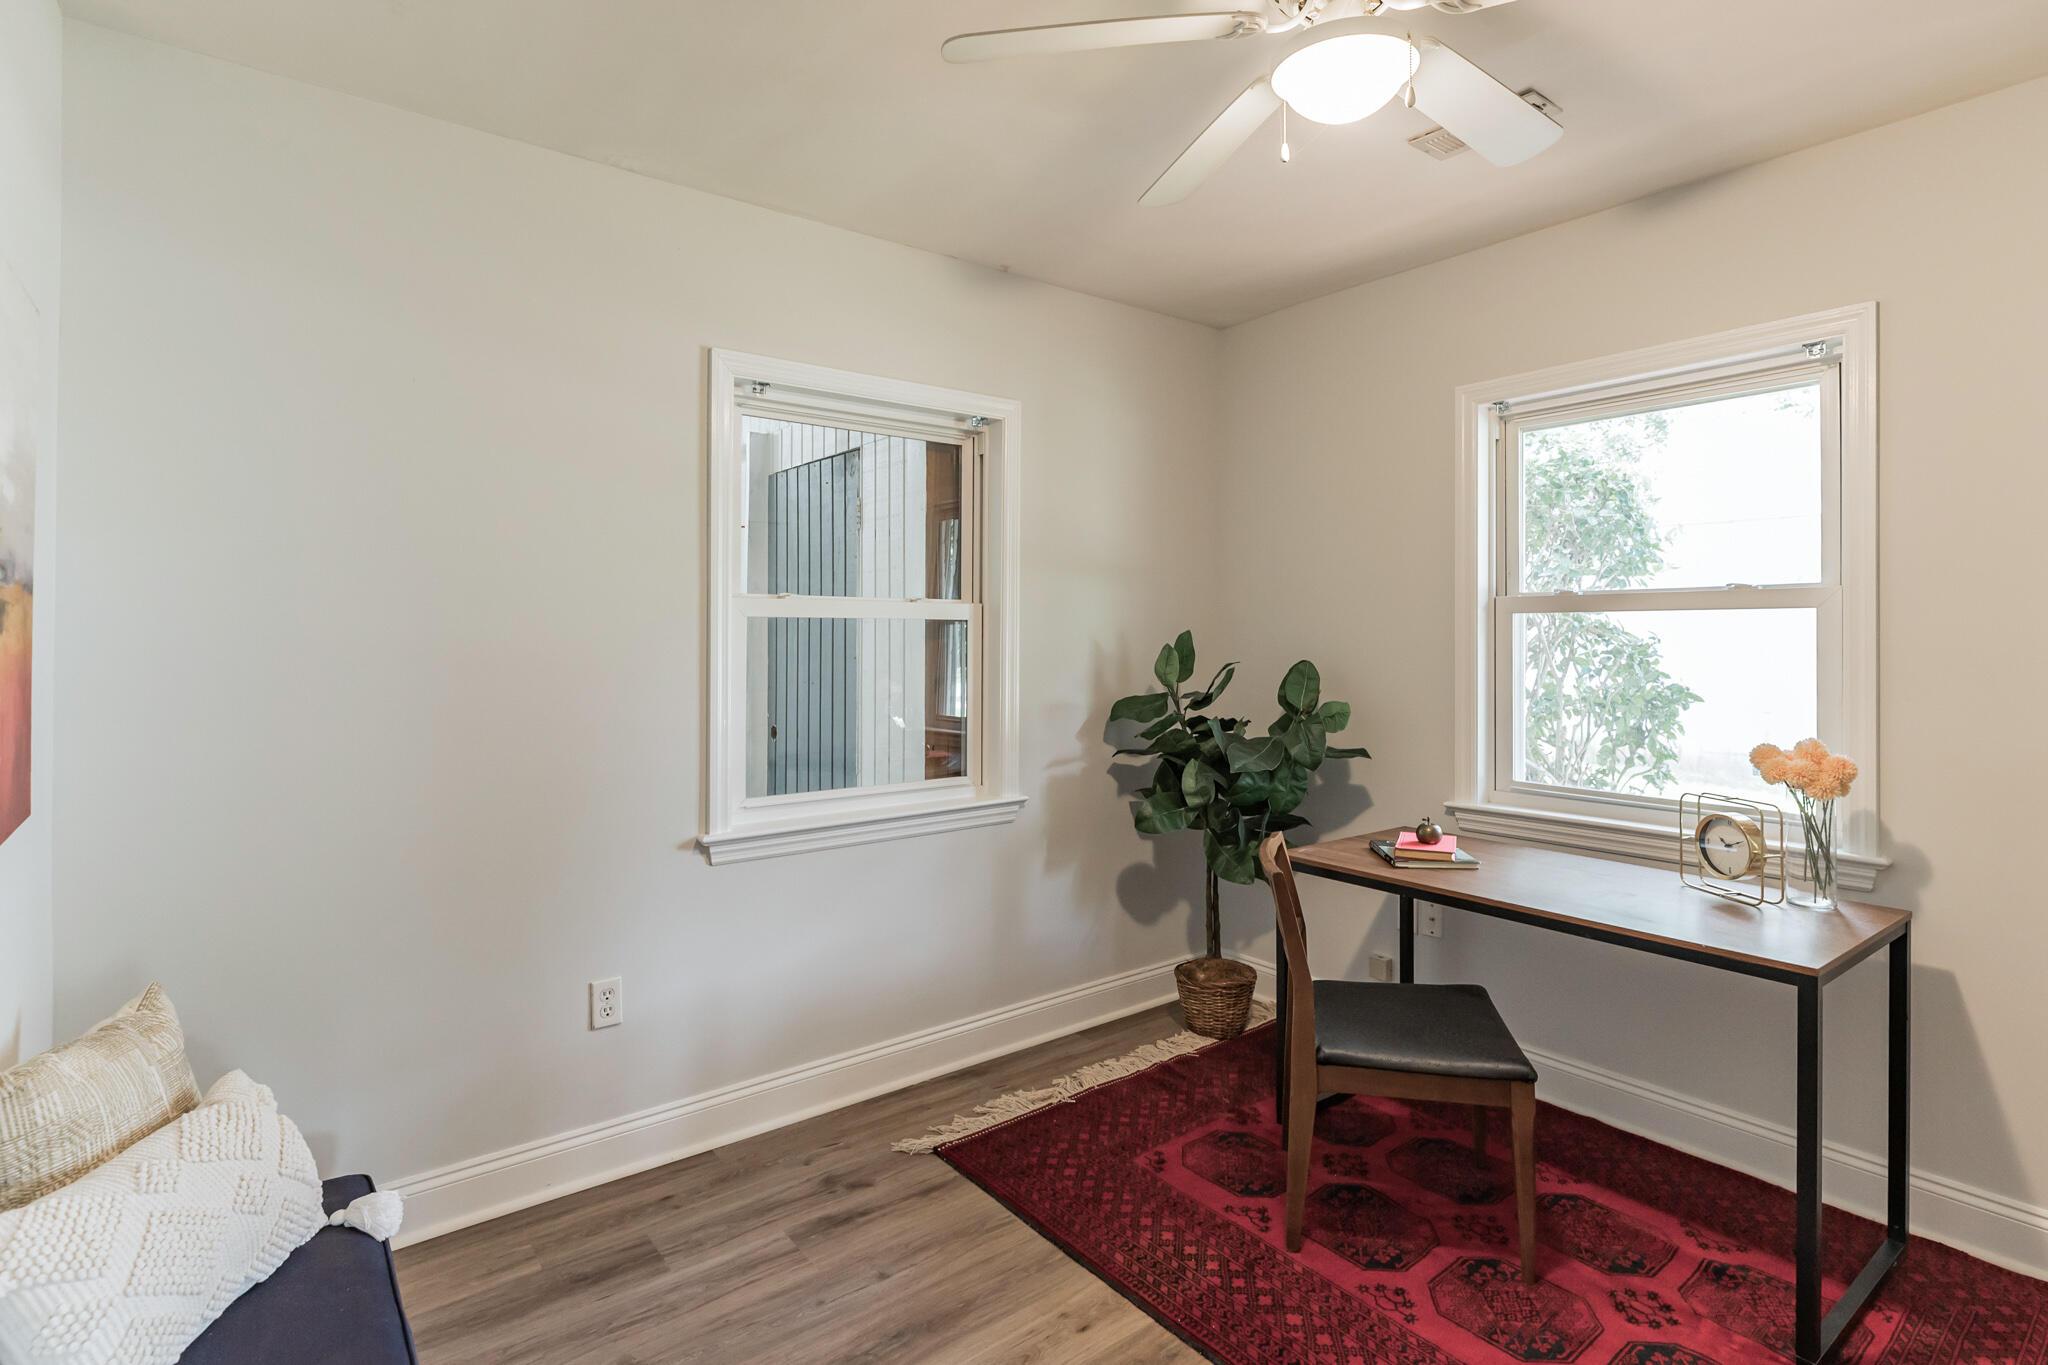 Camp Road Estates Homes For Sale - 825 Hale, Charleston, SC - 2